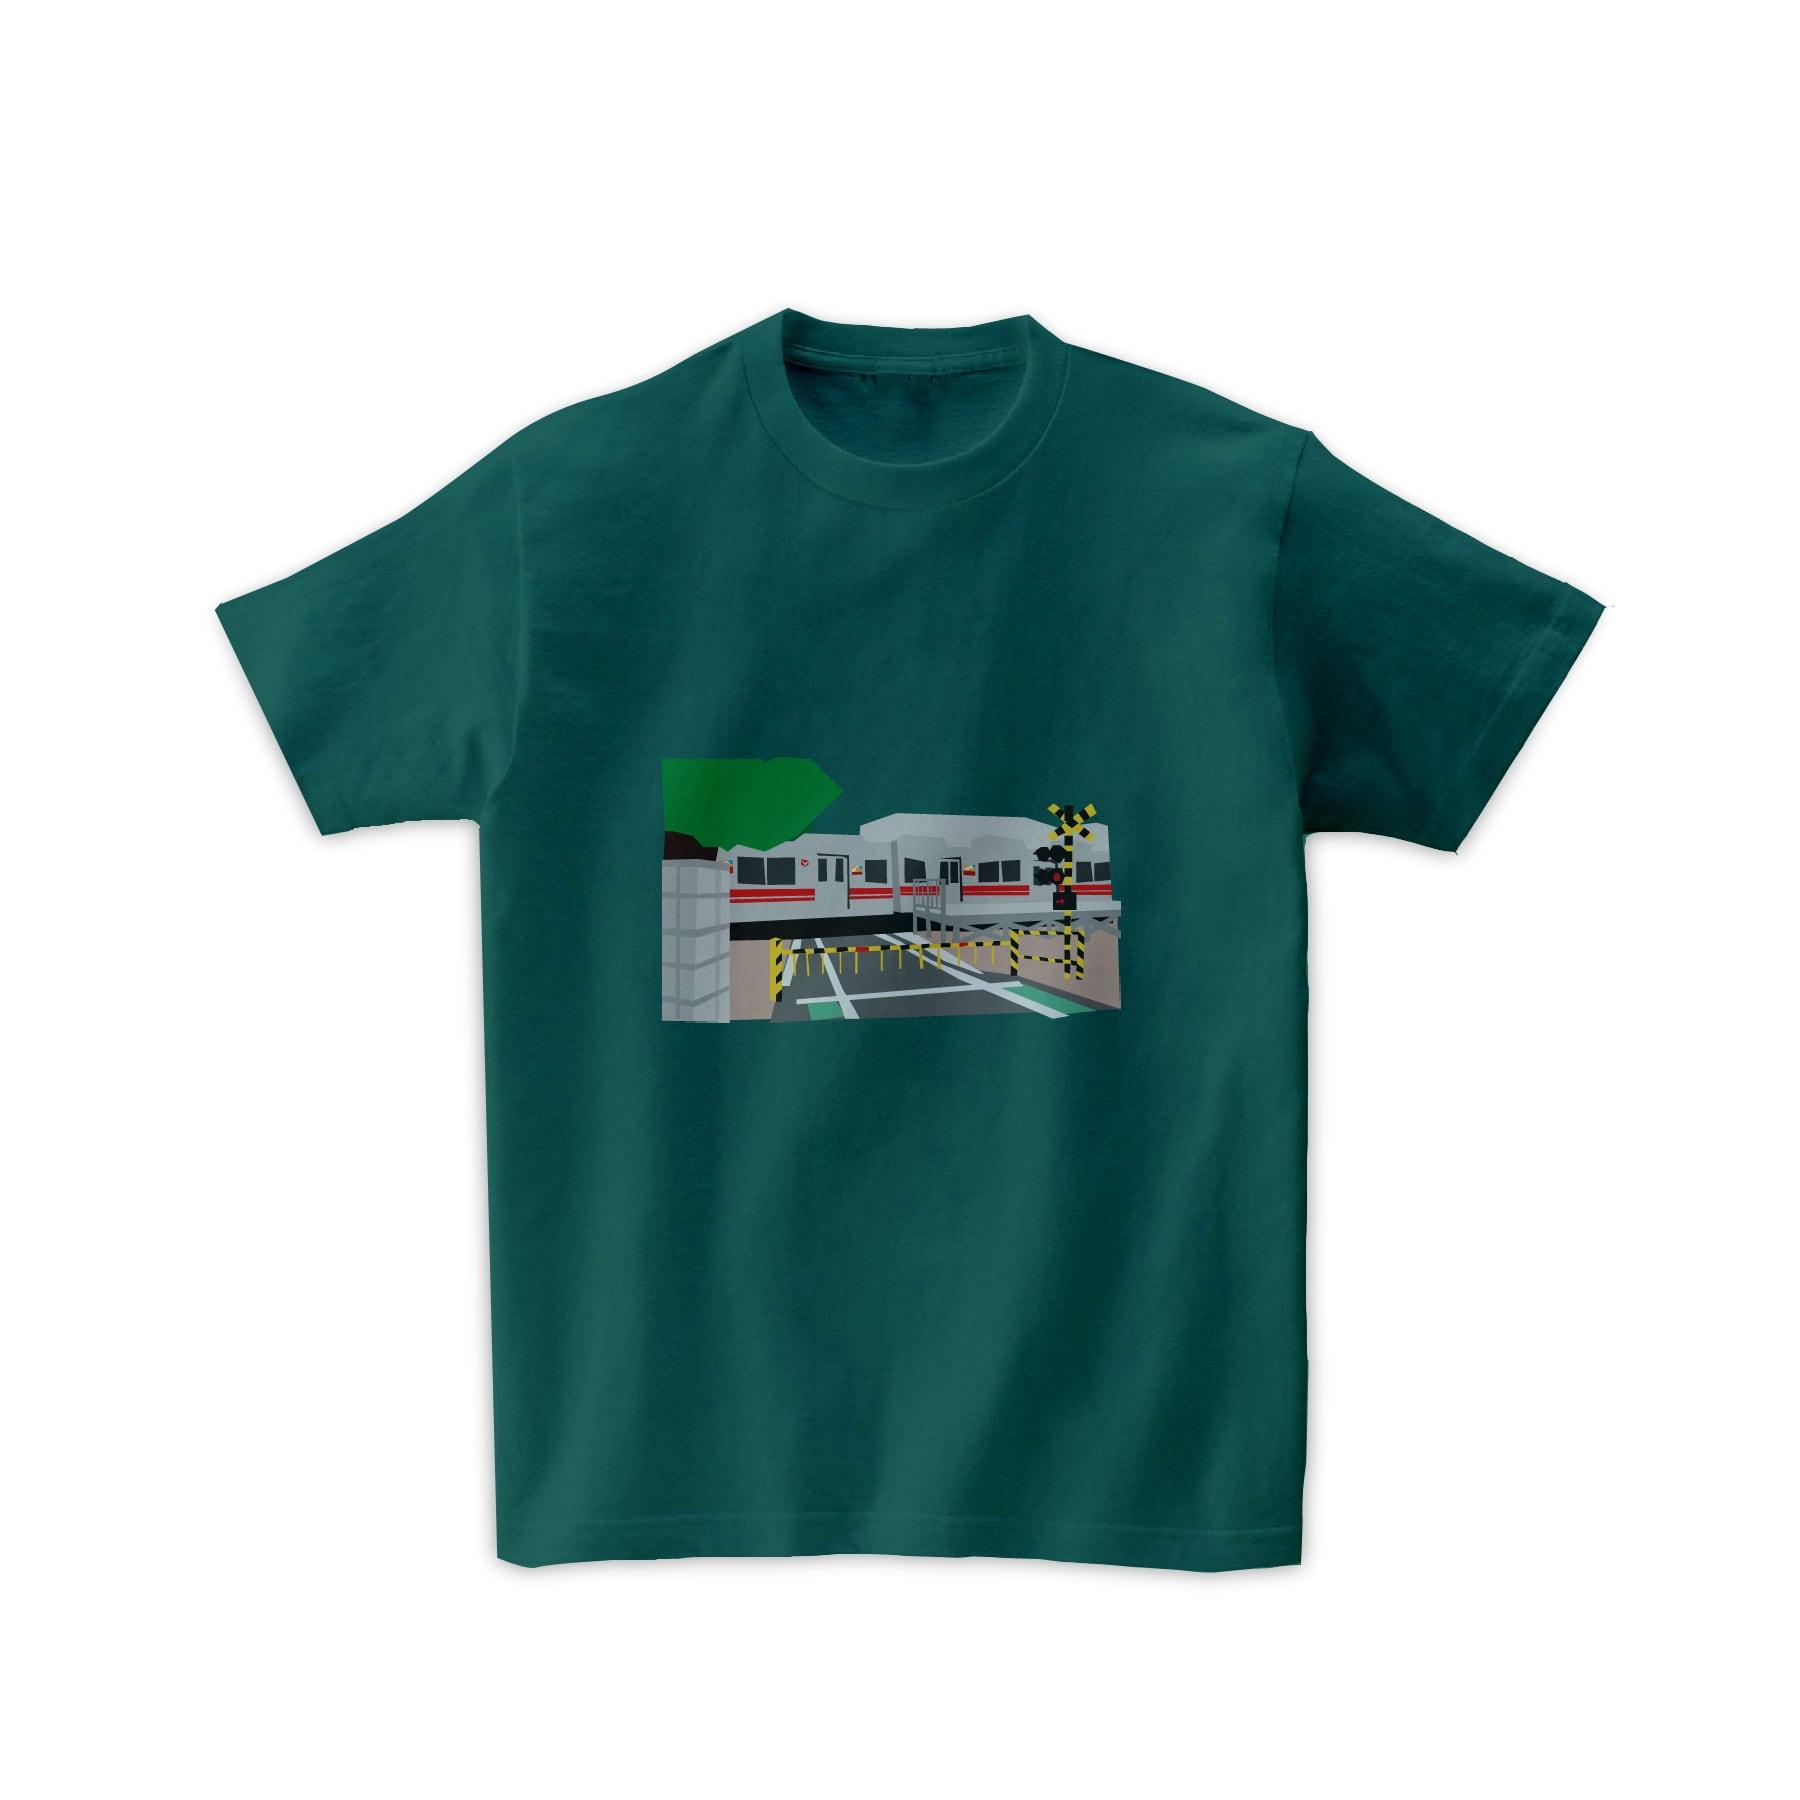 電車Tシャツ-ドアカット